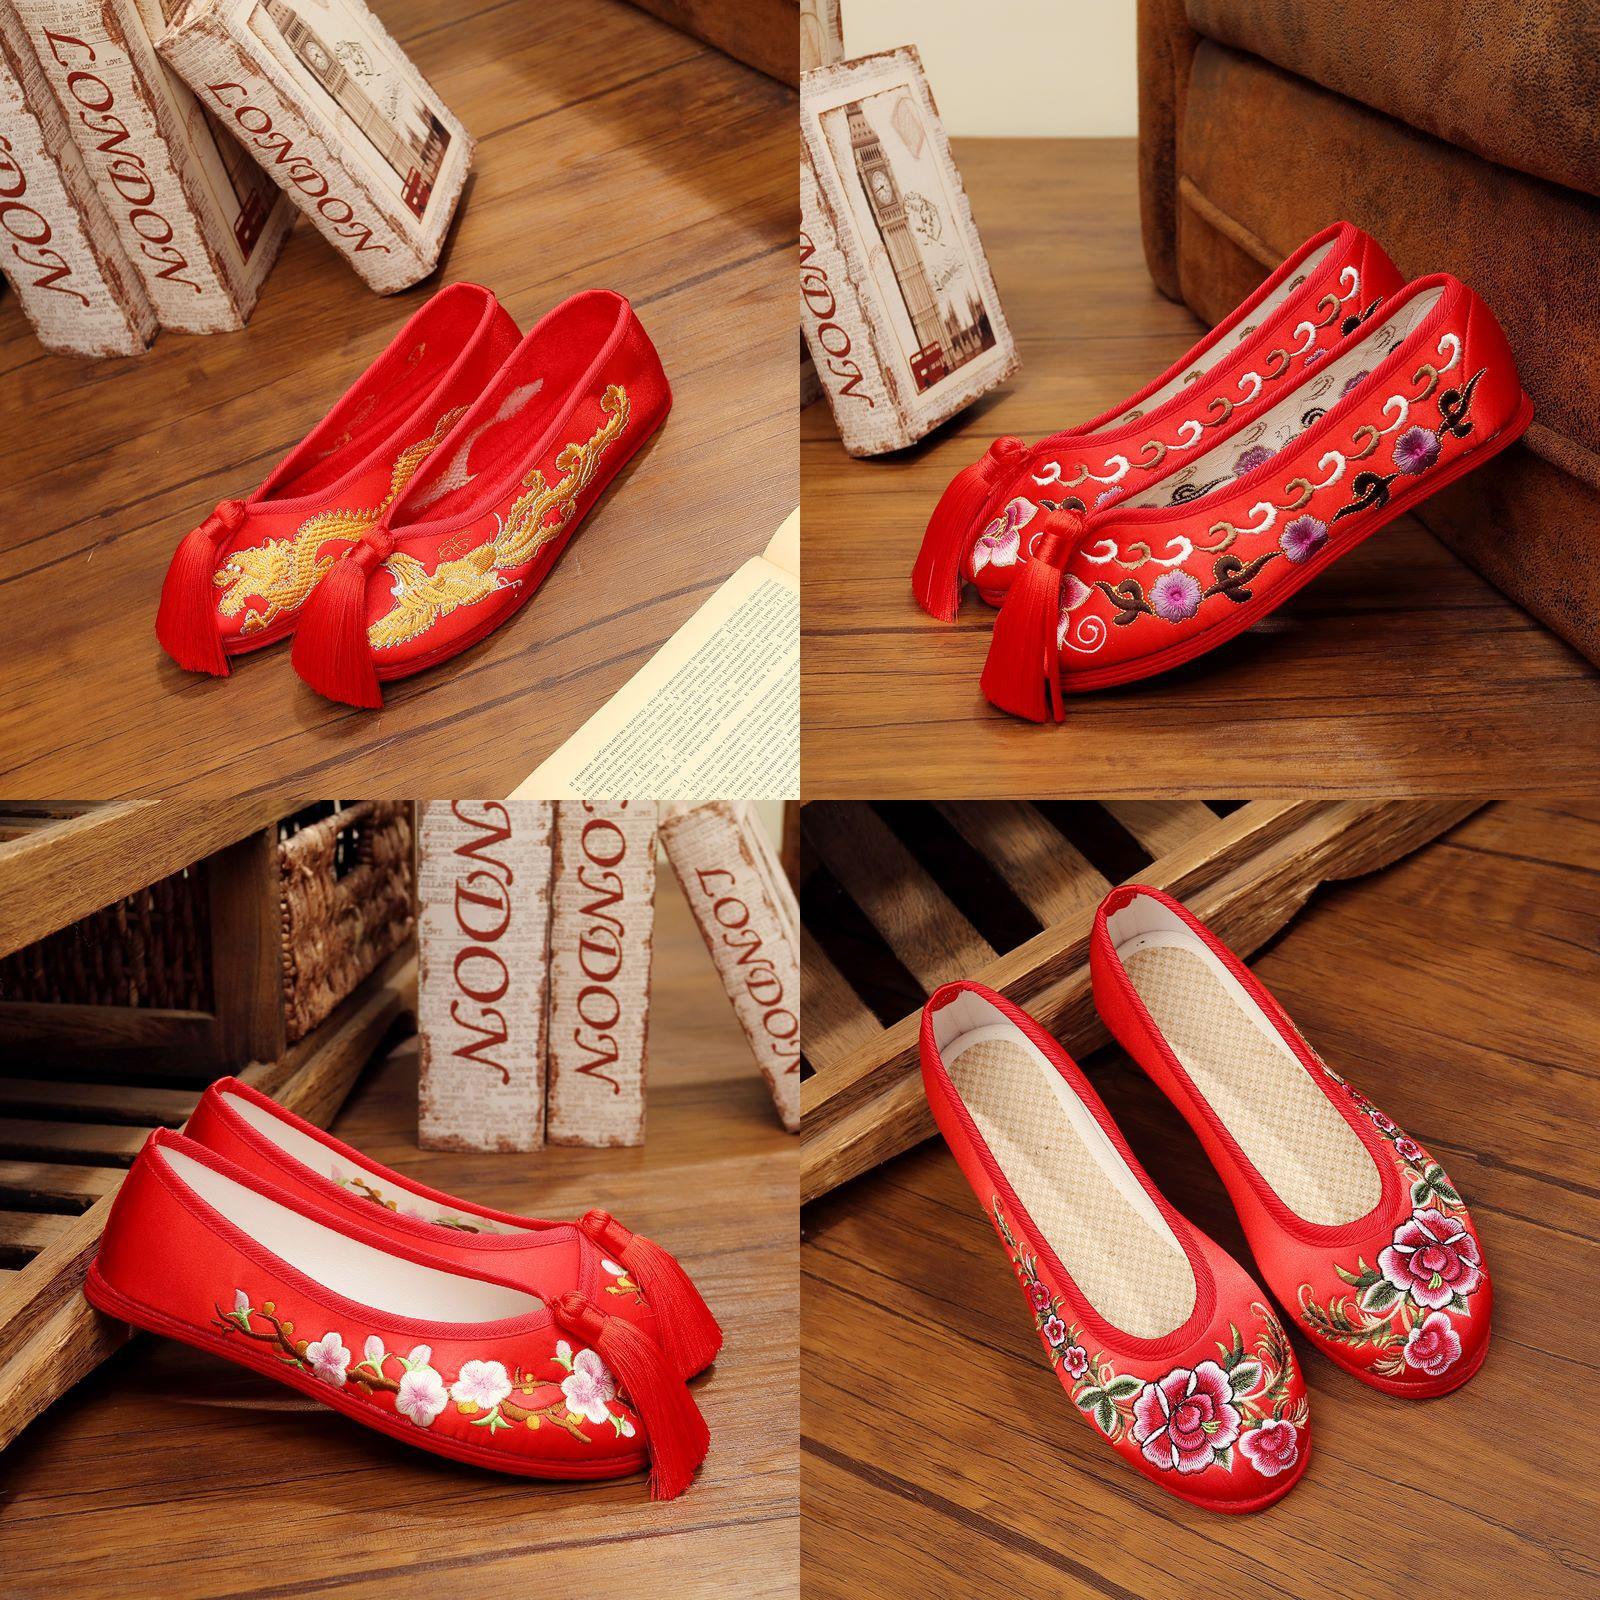 Giày cô dâu Một thế hệ giày cô dâu, giày cưới thêu tay, trình diễn màu đỏ, giày, hàng ngàn lớp, giày